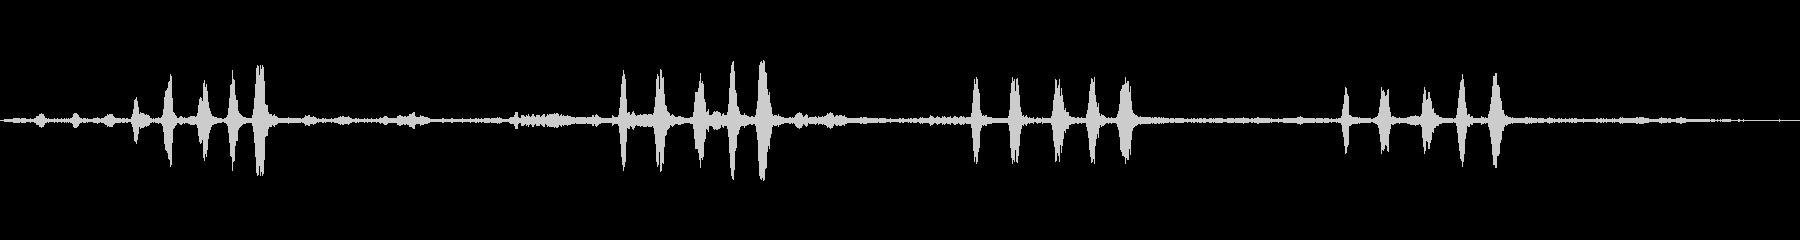 ホトトギスの未再生の波形